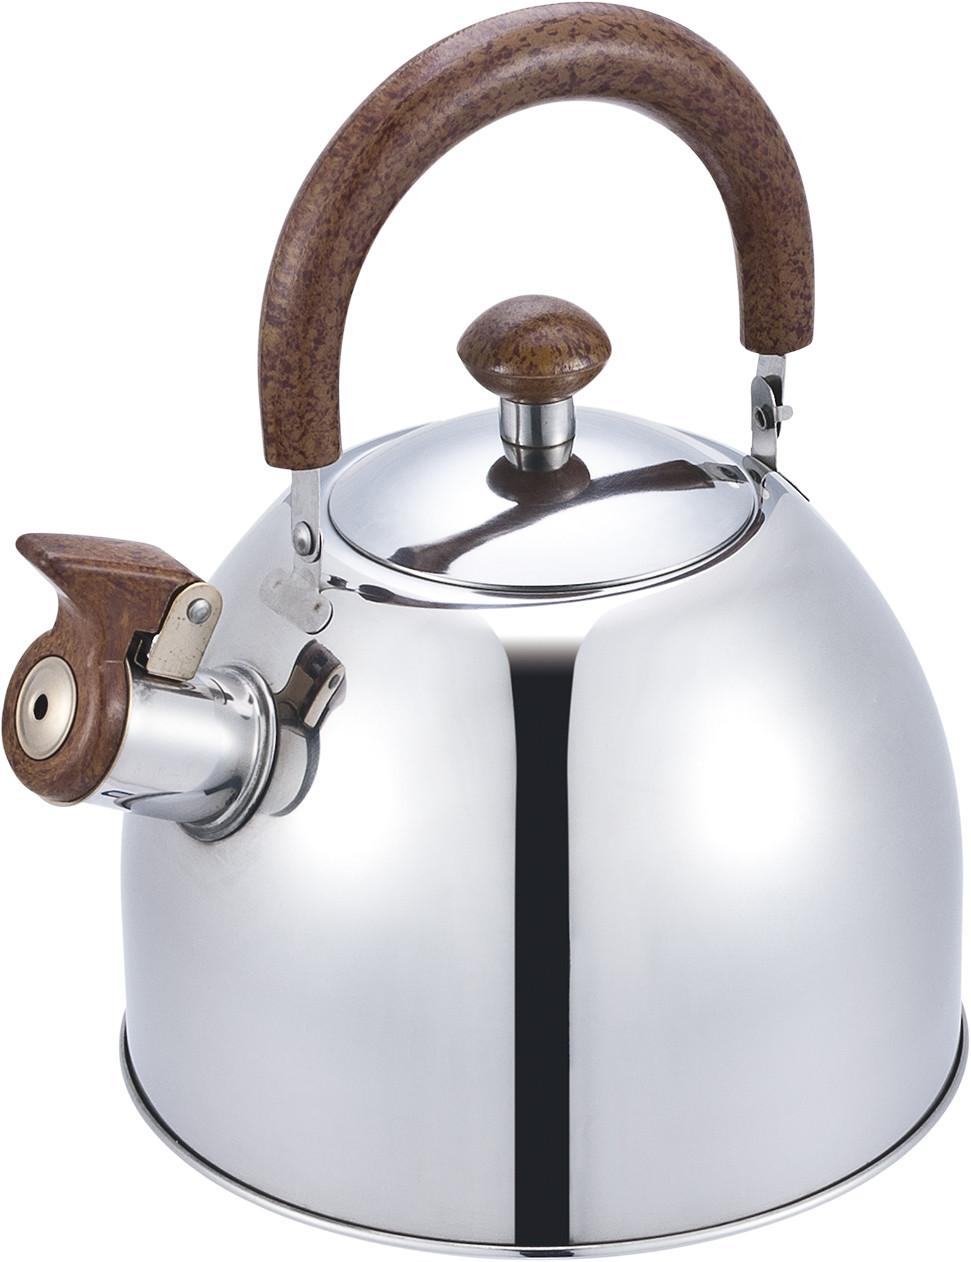 Чайник из нержавеющей стали со свистком Benson BN-712. 3л